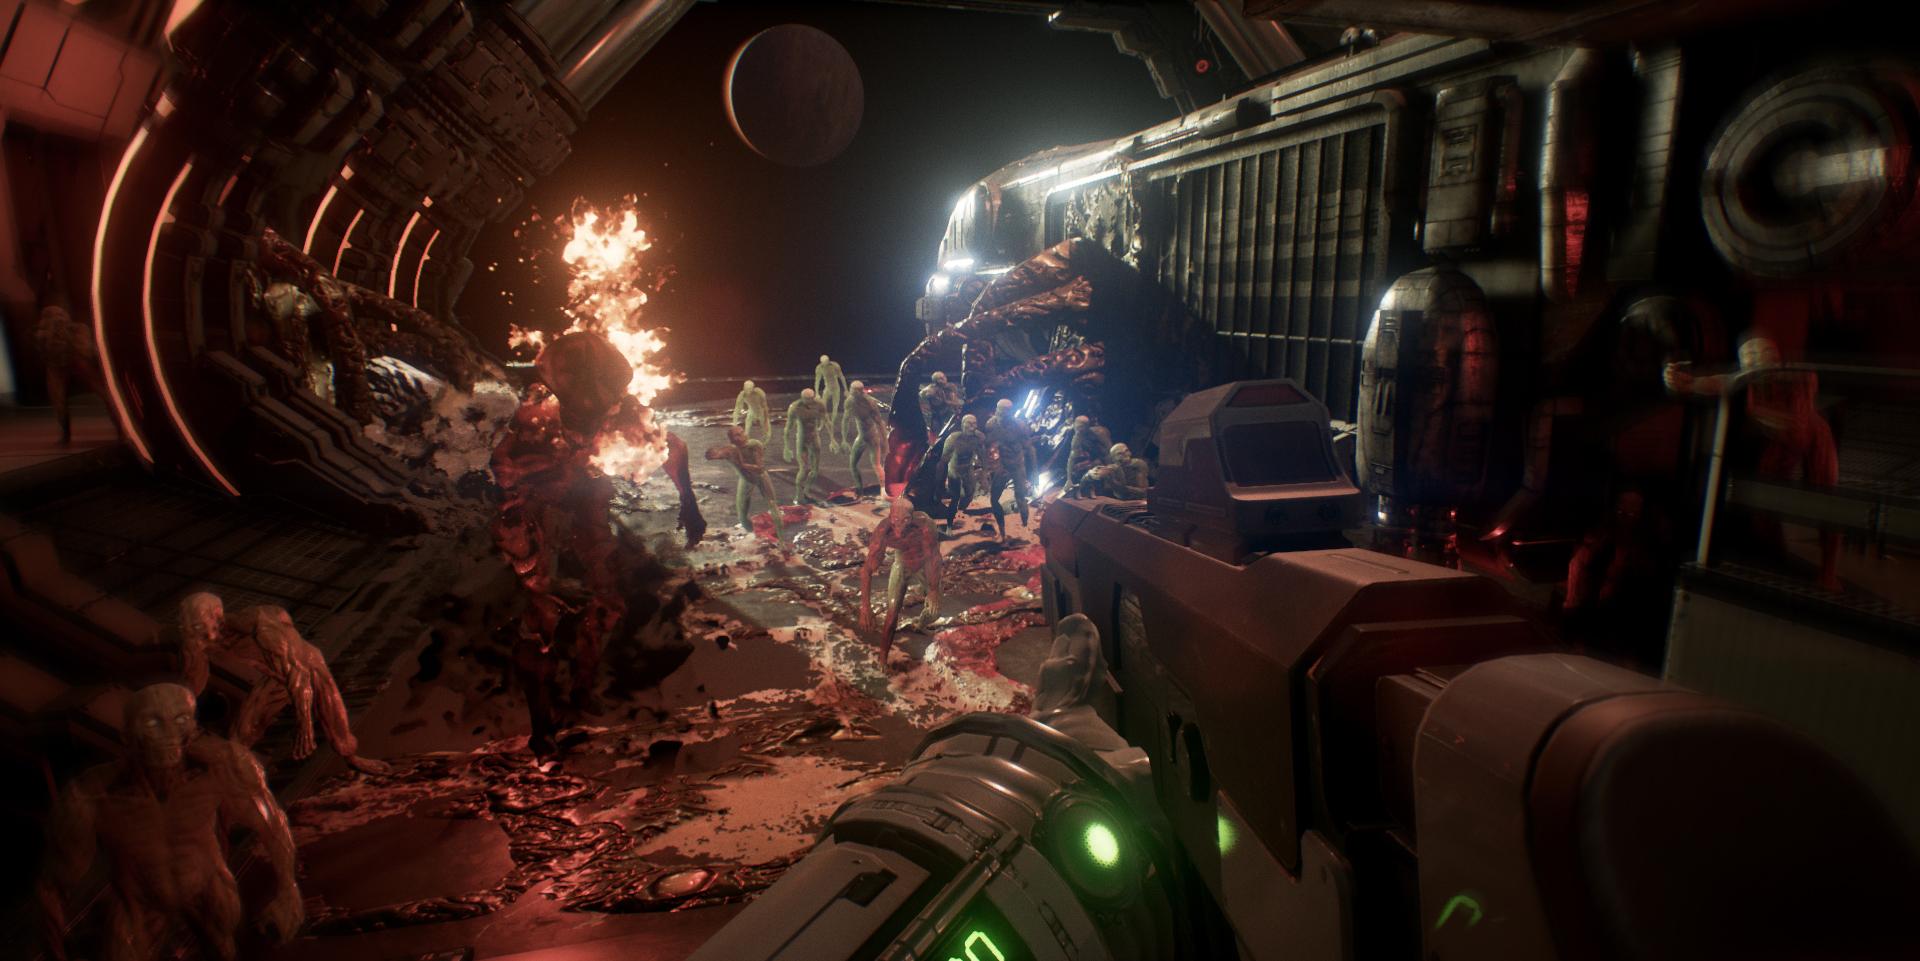 http://image.jeuxvideo.com/medias/148879/1488792981-9564-capture-d-ecran.jpg